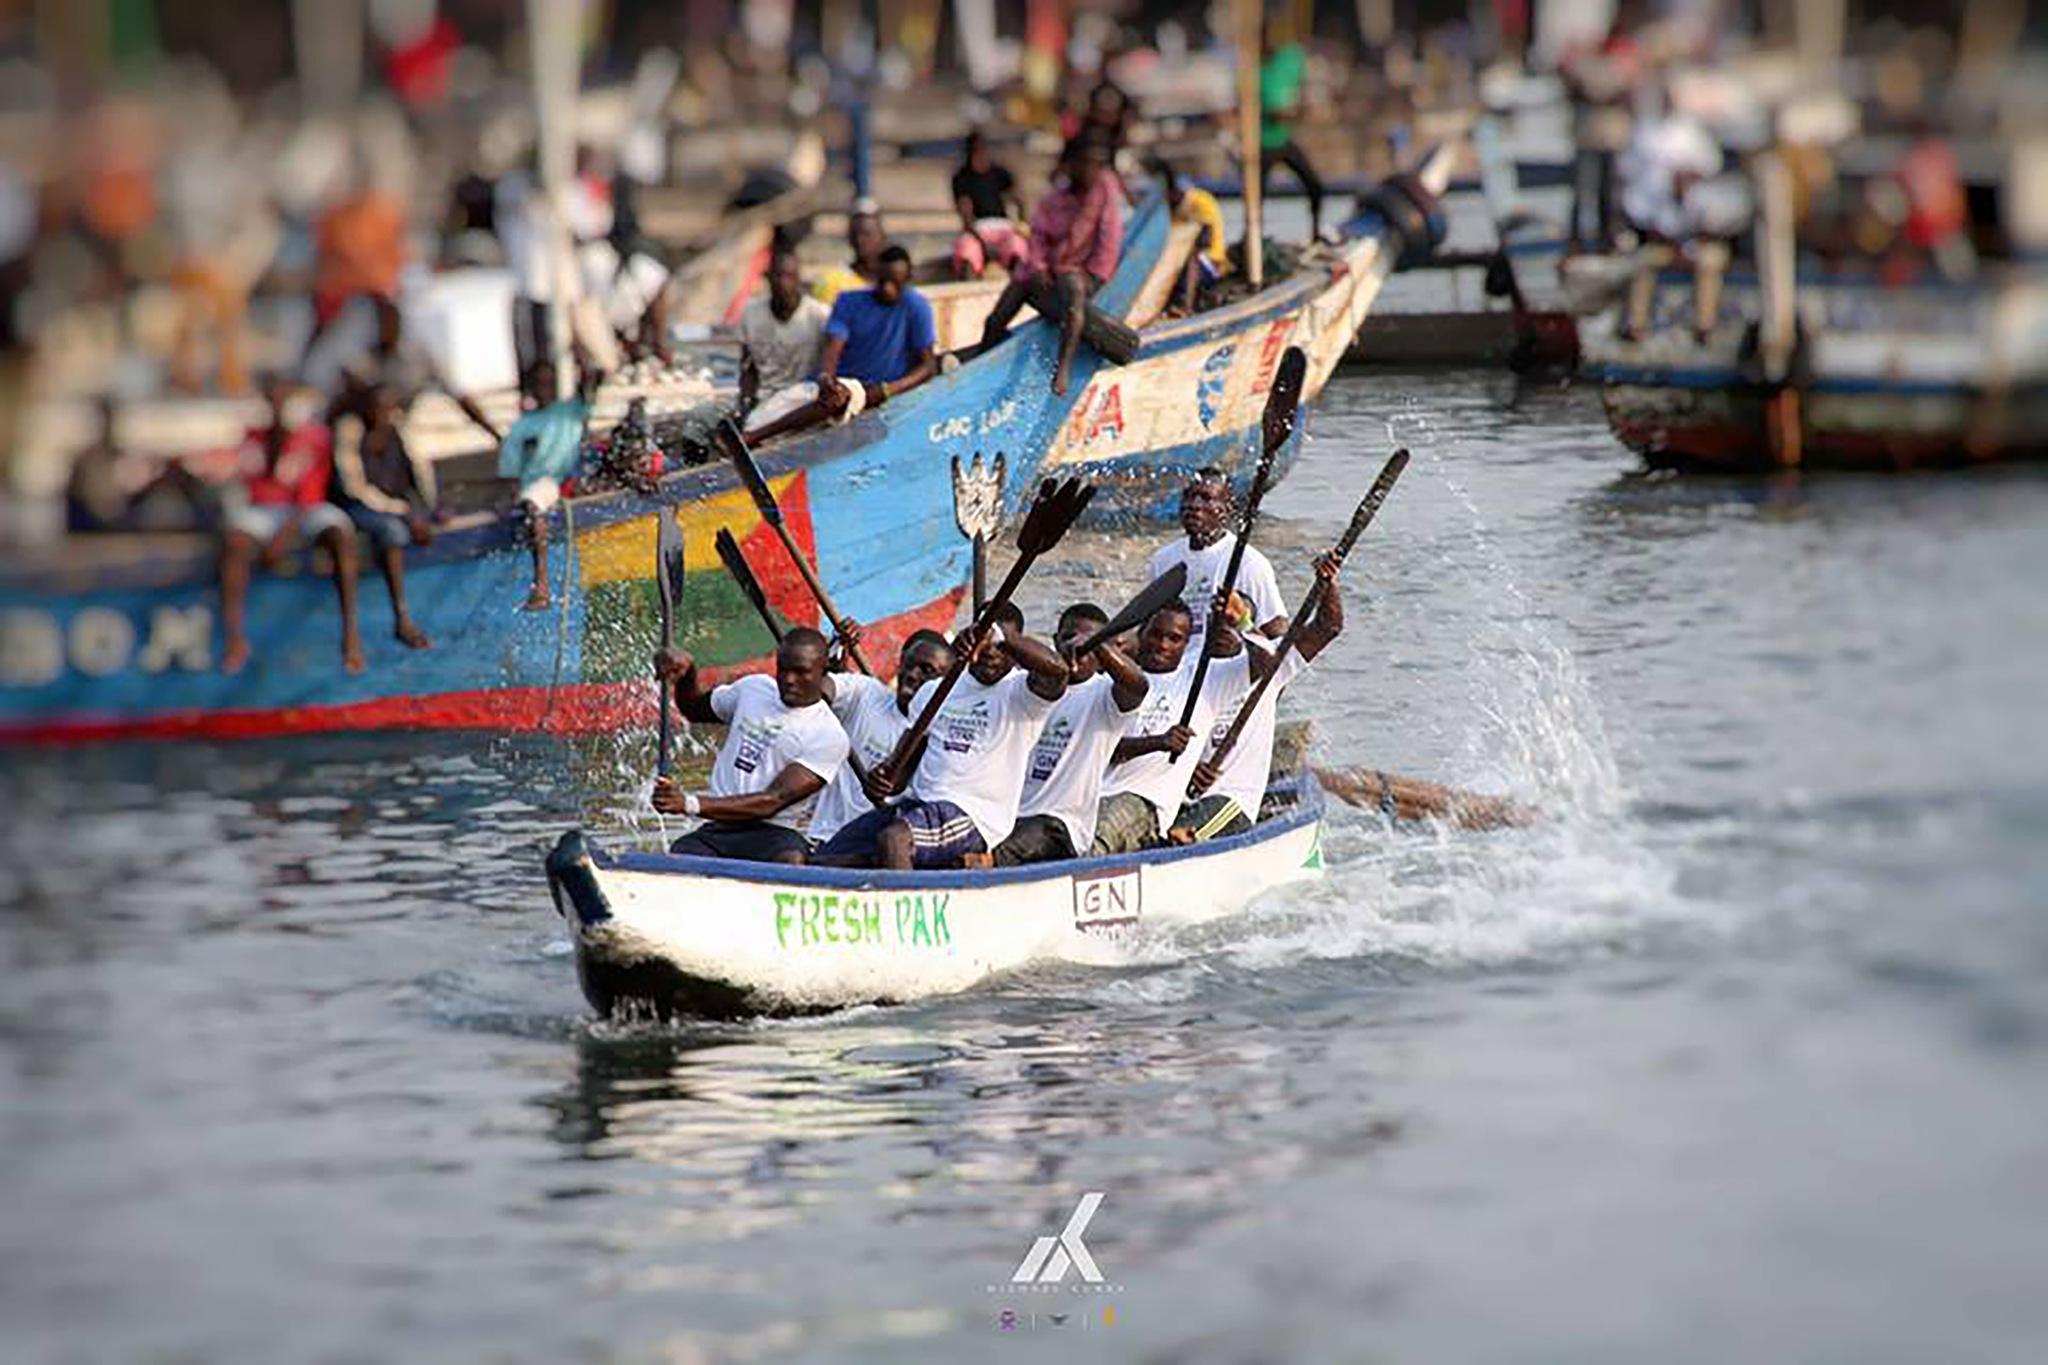 Canoe Race by Michael Kunke